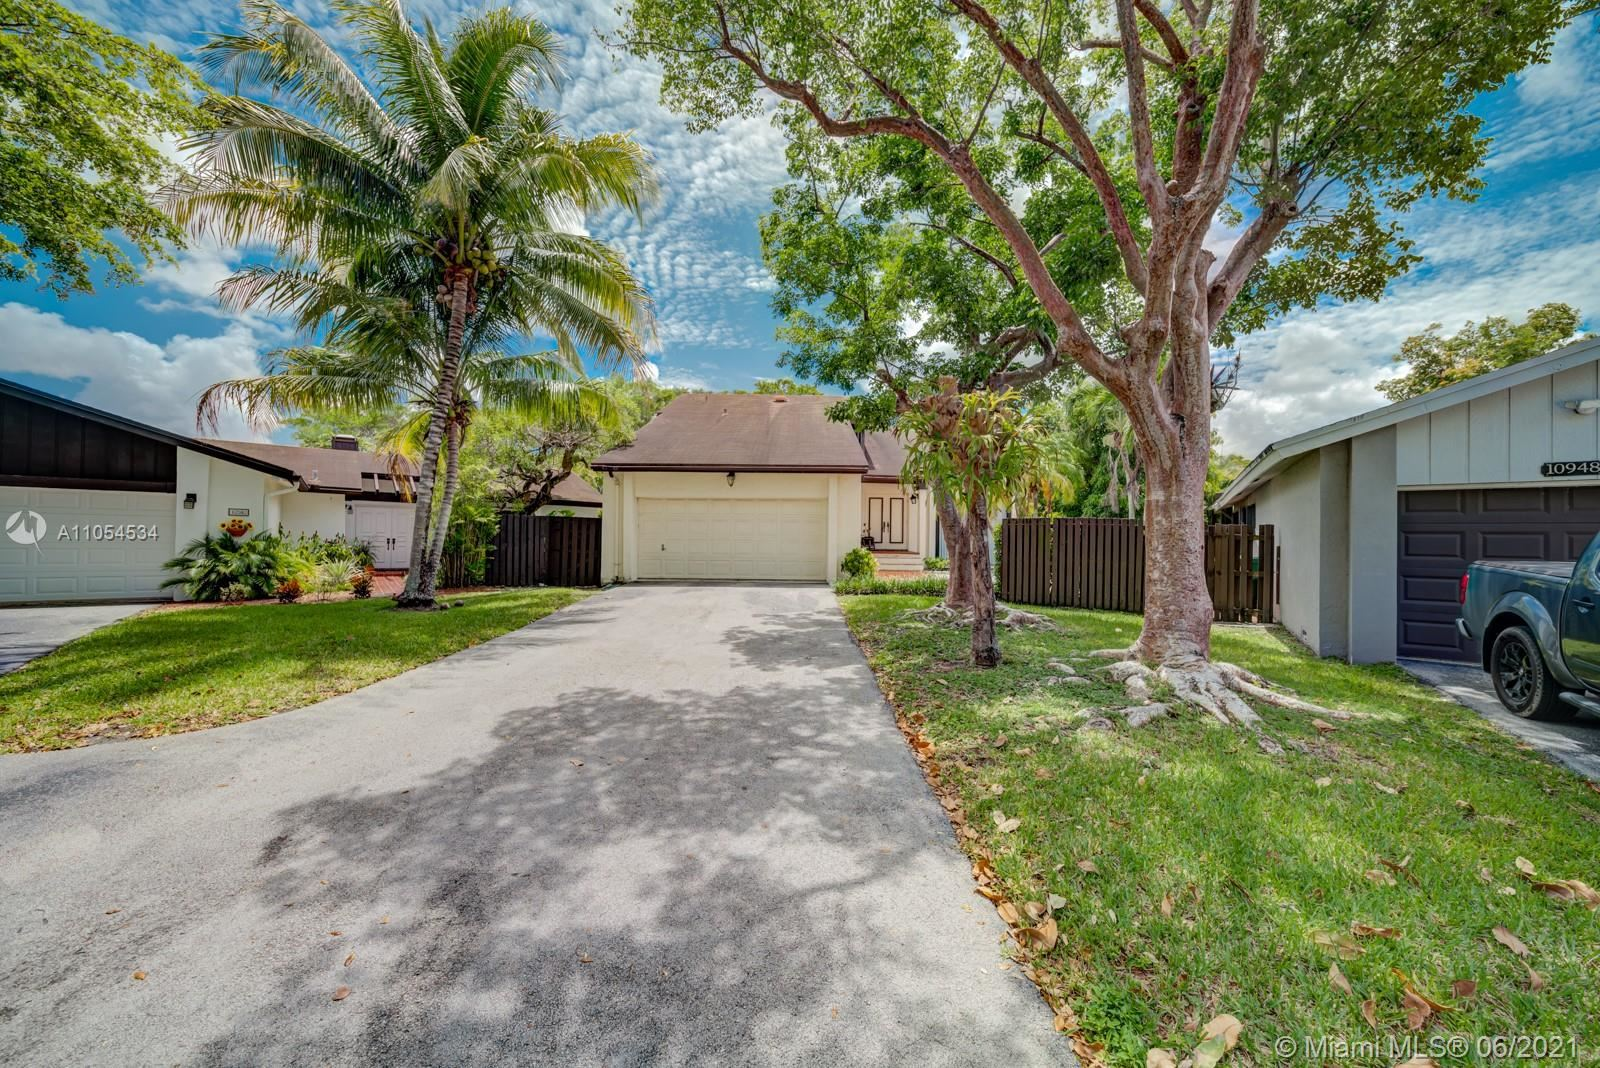 10944 SW 135th Court Cir, Miami, FL 33186 - #: A11054534